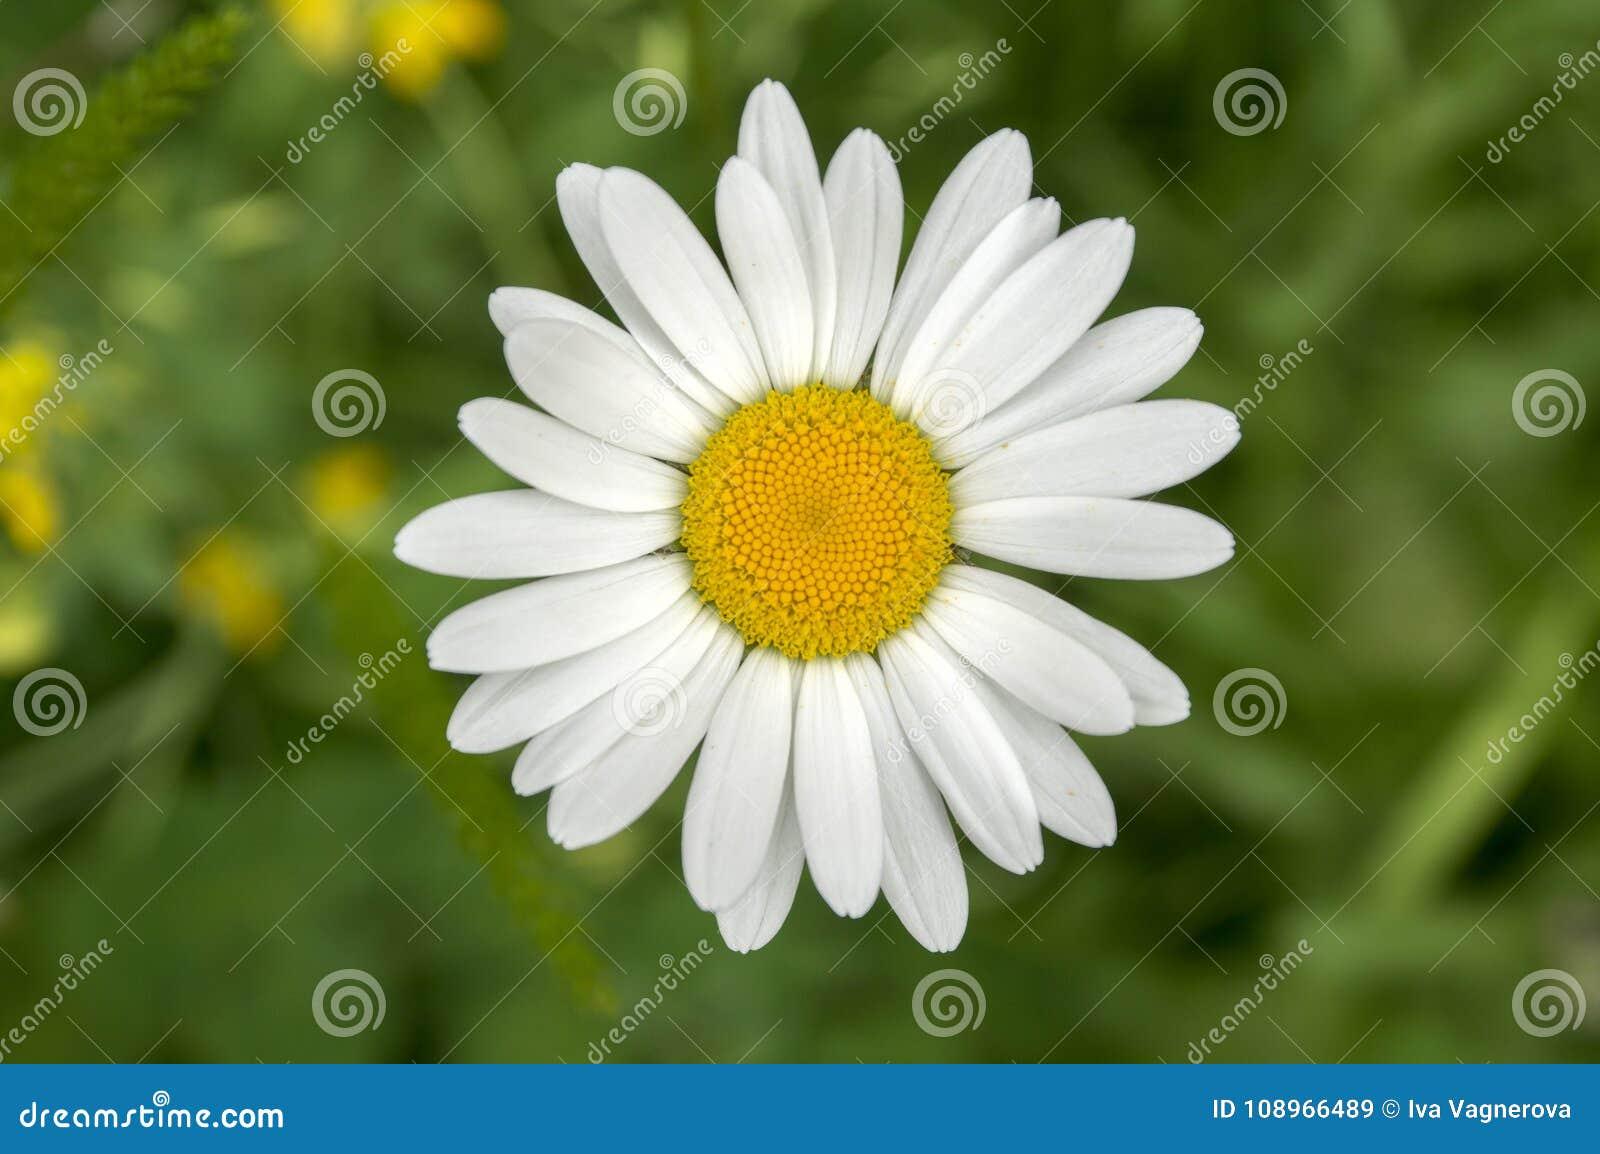 De wilde enige bloem van Leucanthemum vulgare weiden met witte bloemblaadjes en geel centrum in bloei